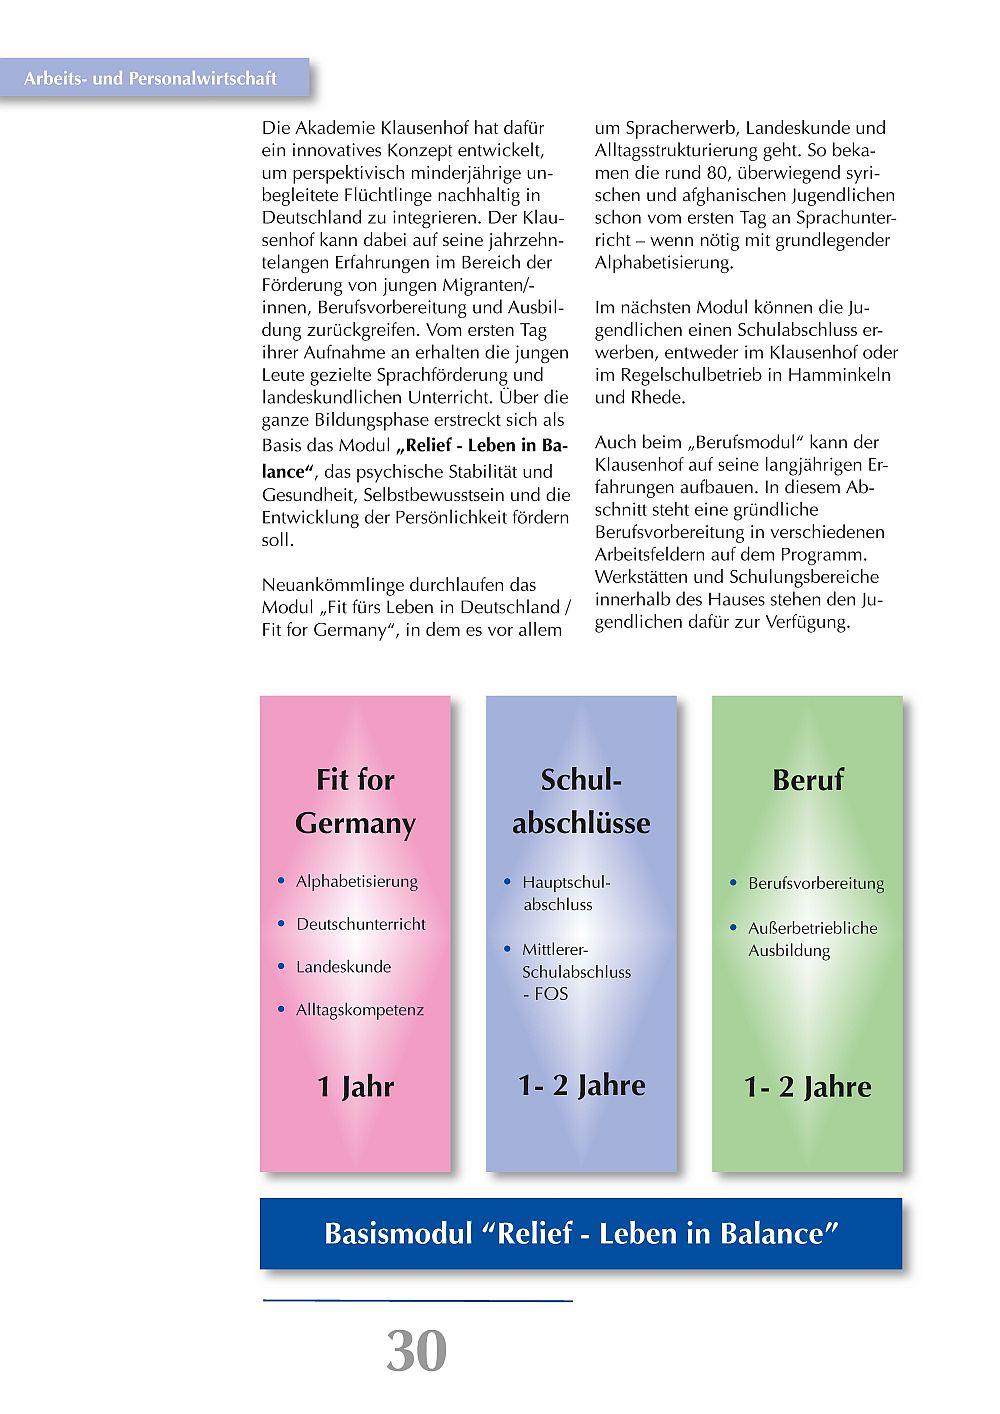 Betriebsbesichtigung-mit-Fl-chtlingen_Biberna_Seite_257356a1141162-klein